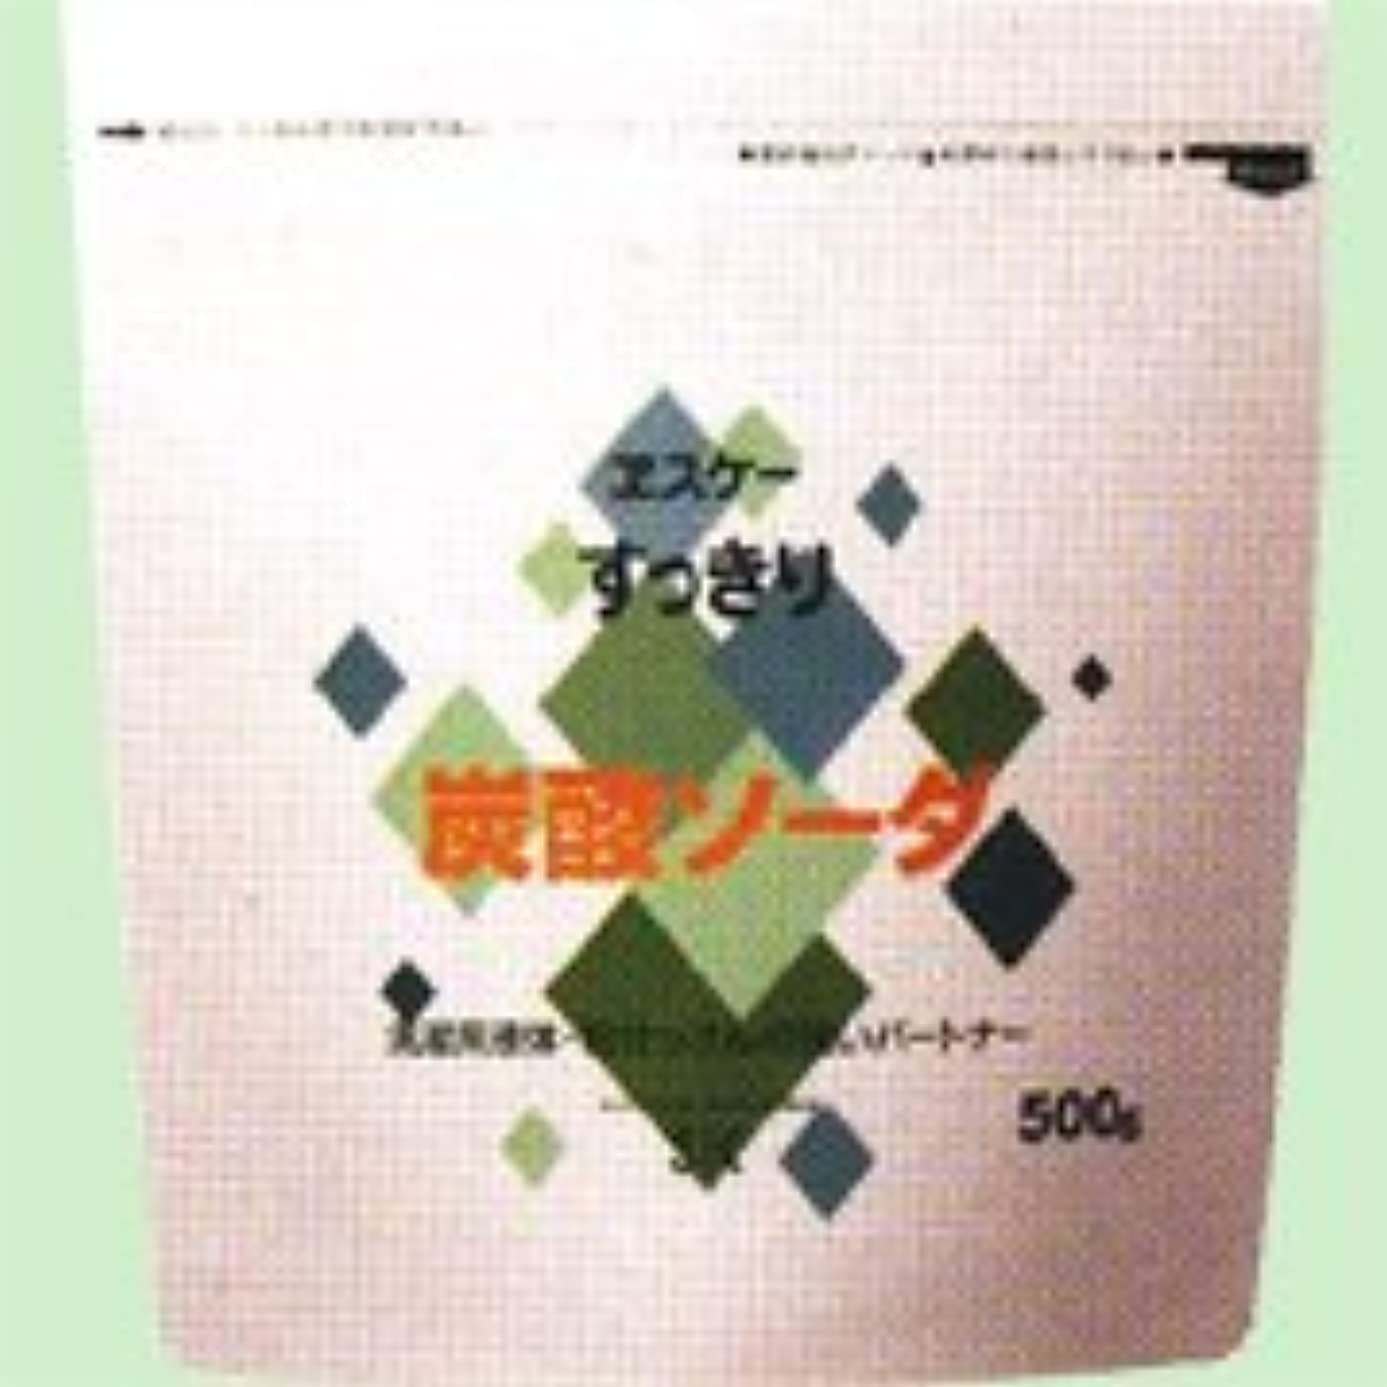 グレースリチンモイシーズンすっきり炭酸ソーダ 500g   エスケー石鹸